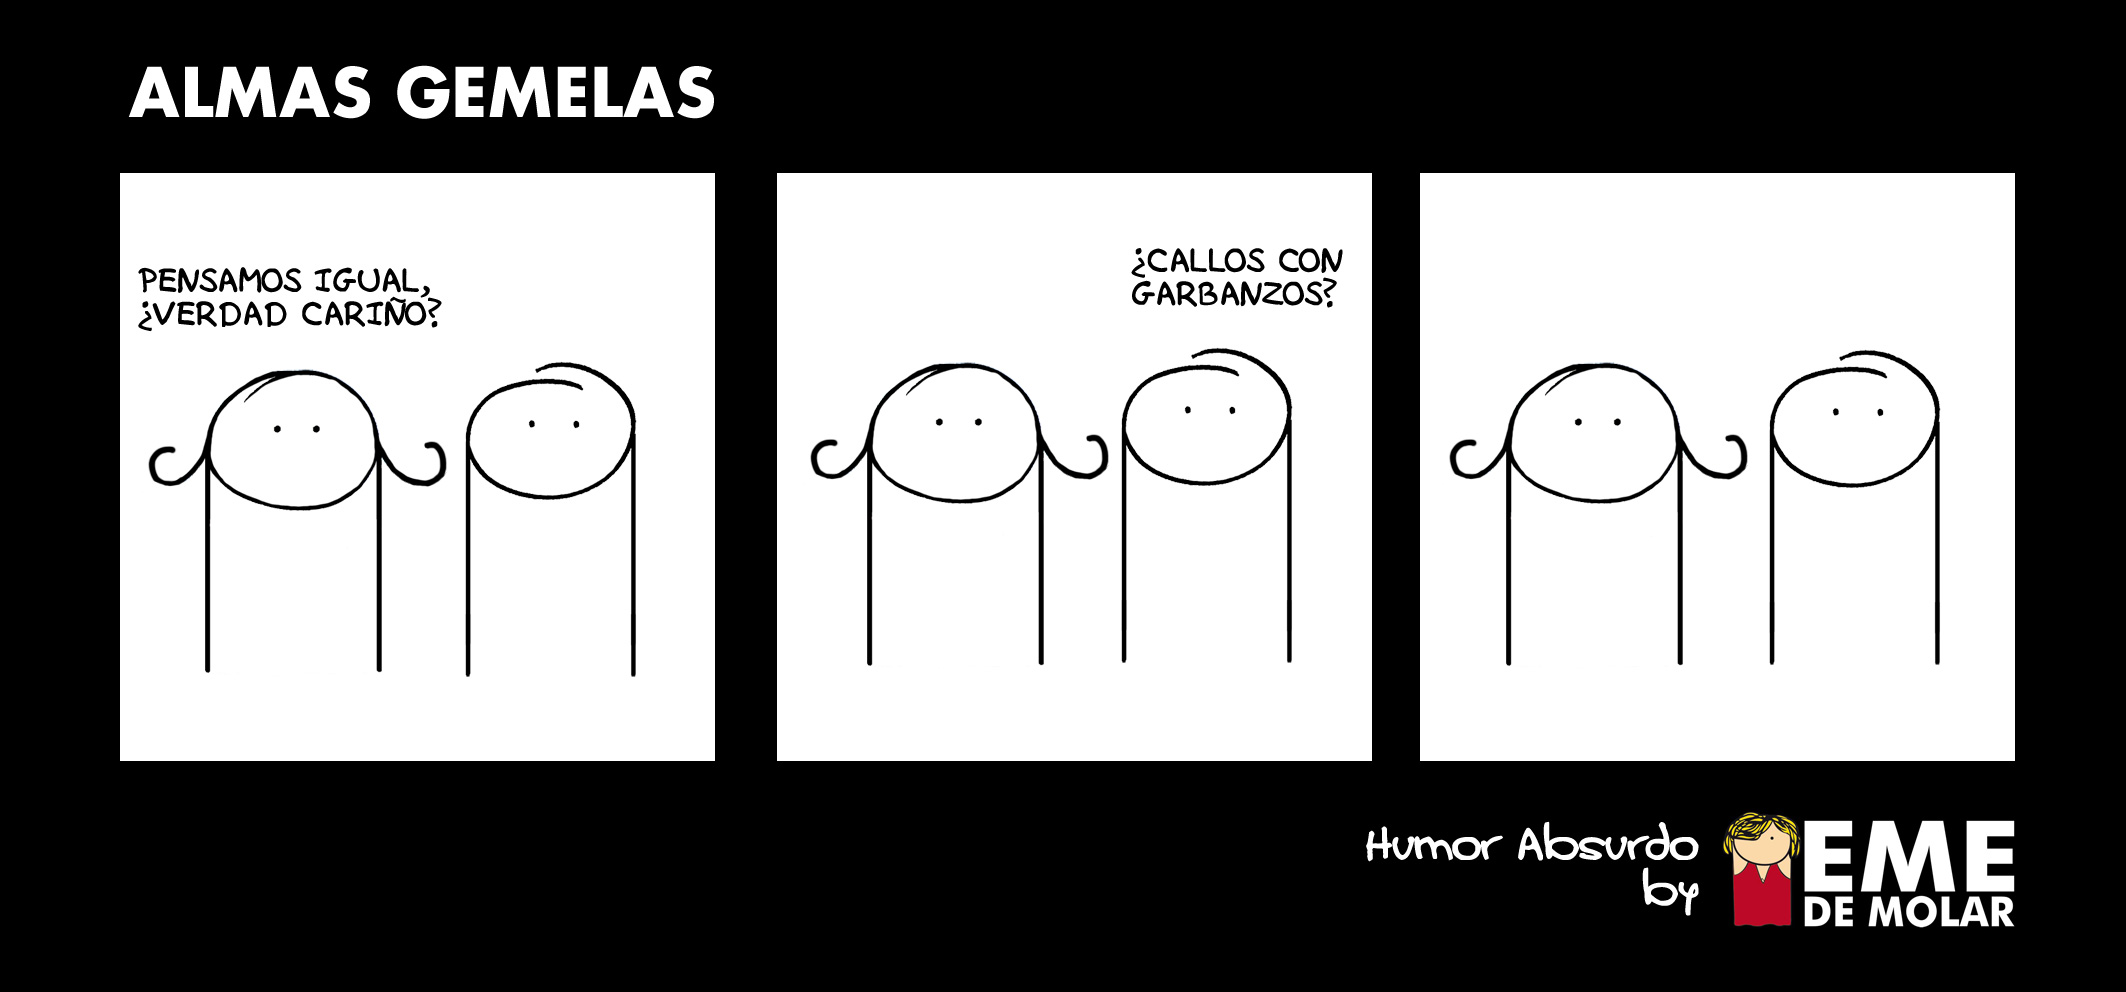 ALMAS-GEMELAS